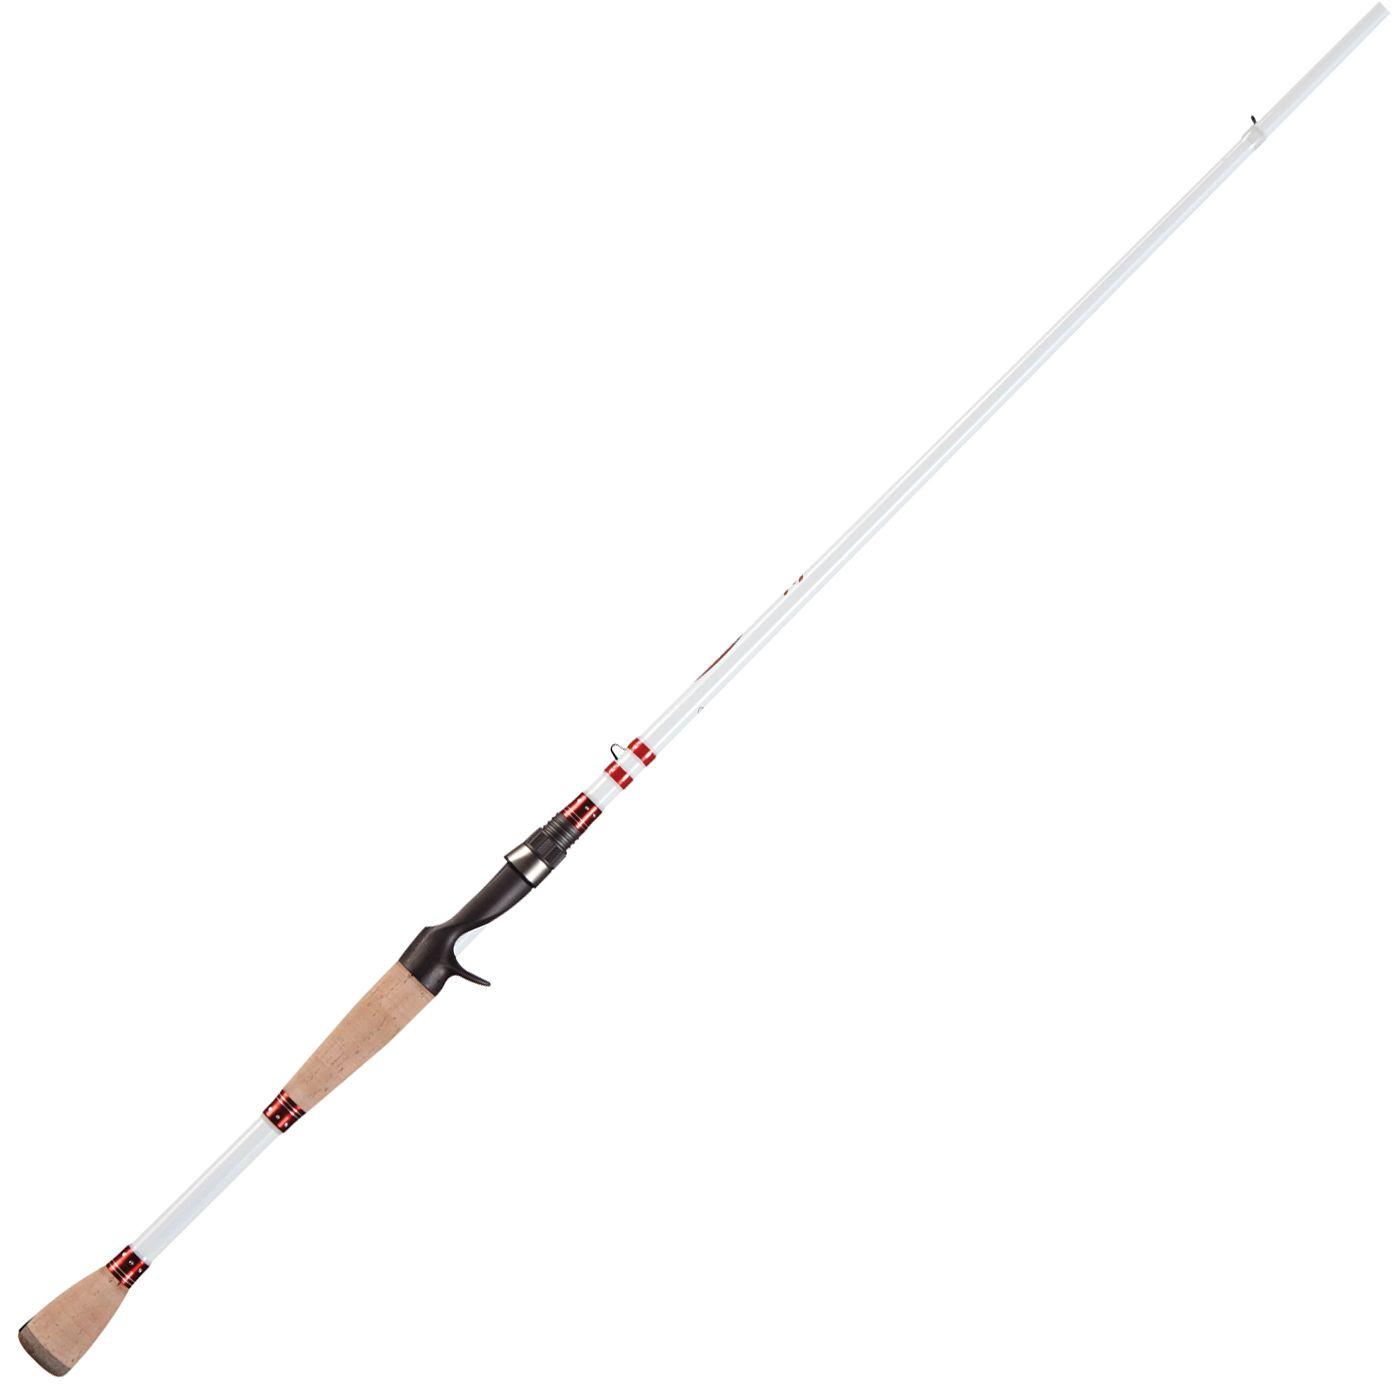 Duckett Fishing Micro Magic Pro Casting Rod